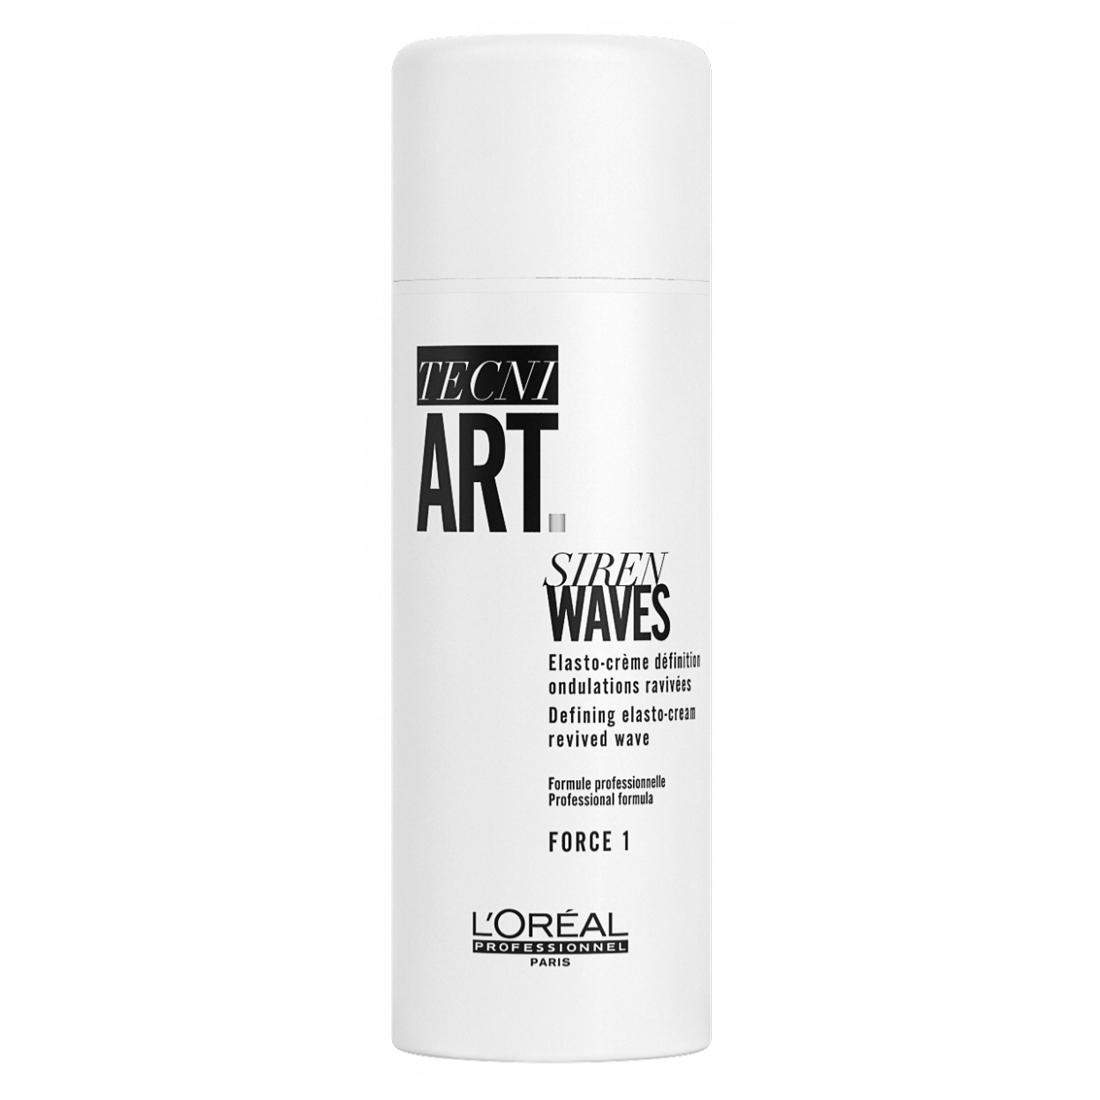 Tecni Art Siren Waves 150 ML